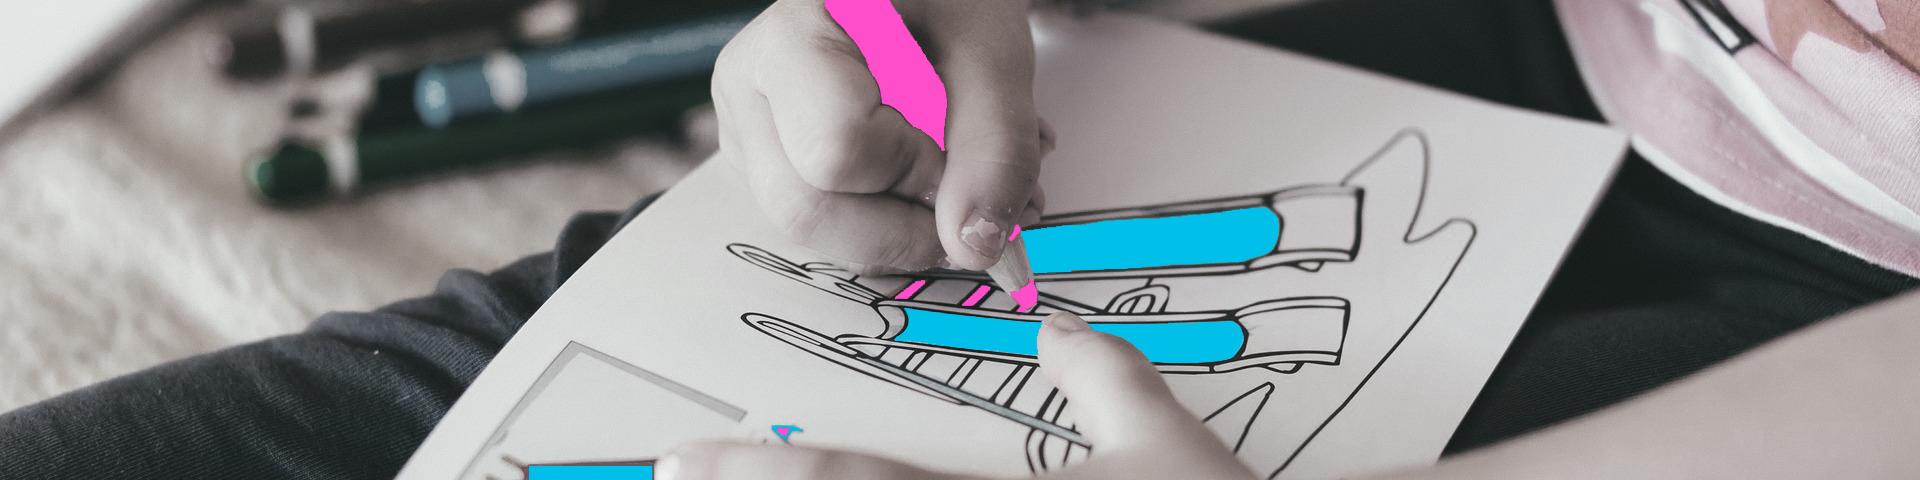 Enfant coloriant un toboggan